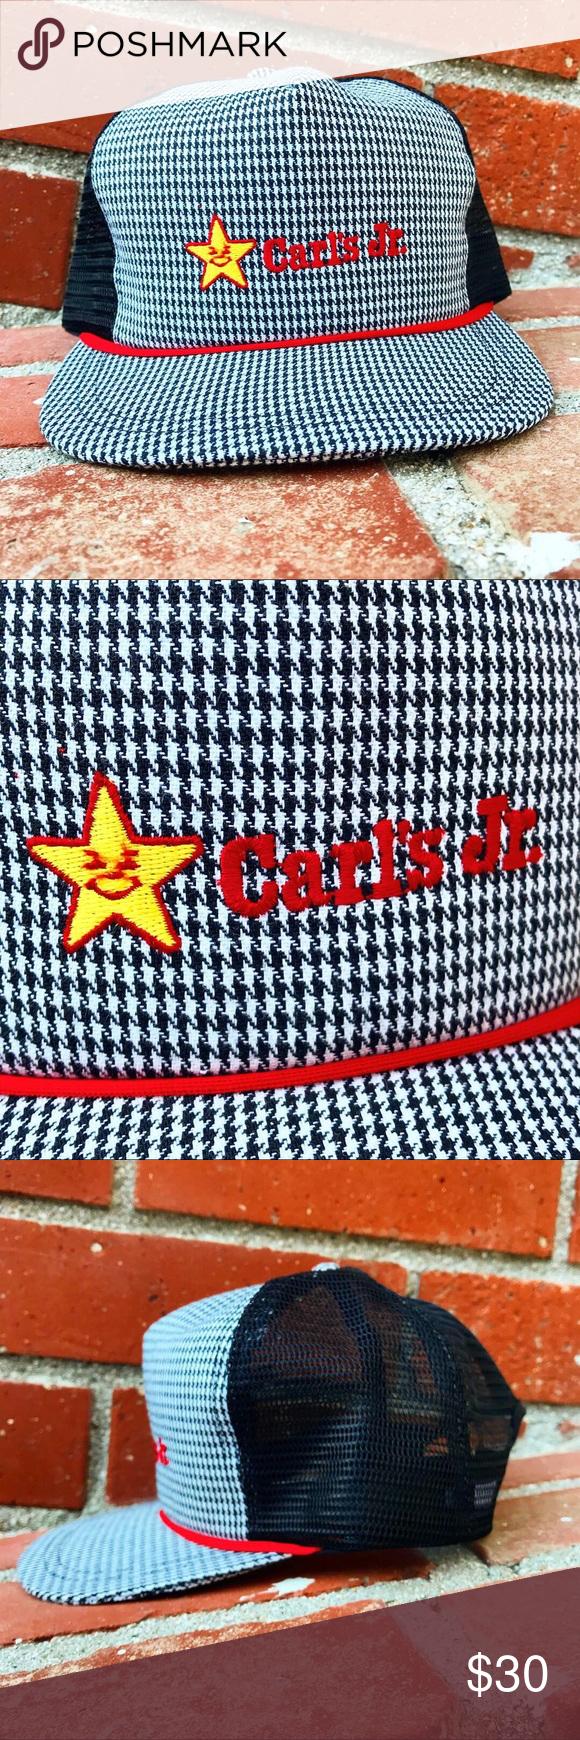 Vtg Carl's Jr. Fast Food Trucker Snapback Still in really